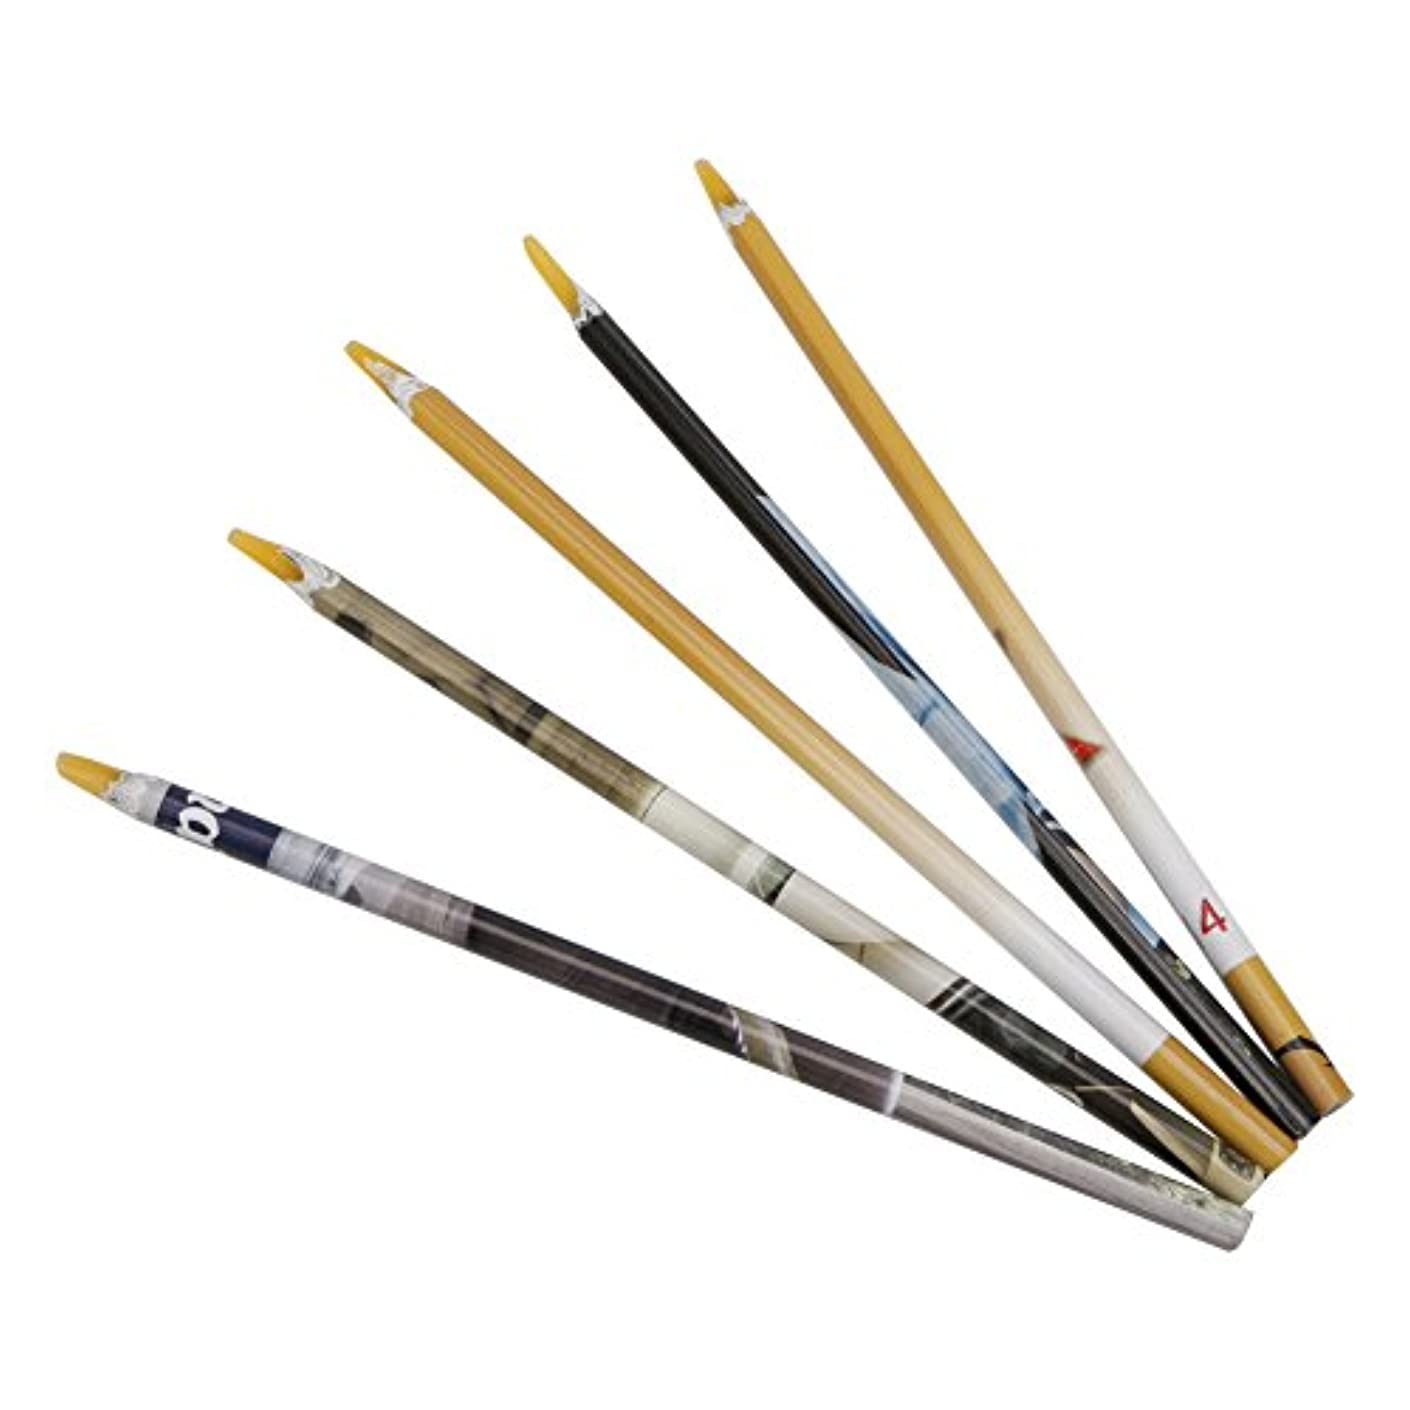 第五引用永久Sharring 1 Pcネイルアートクラフトツールワックスペン宝石クリスタルラインストーンピッカー鉛筆 [並行輸入品]